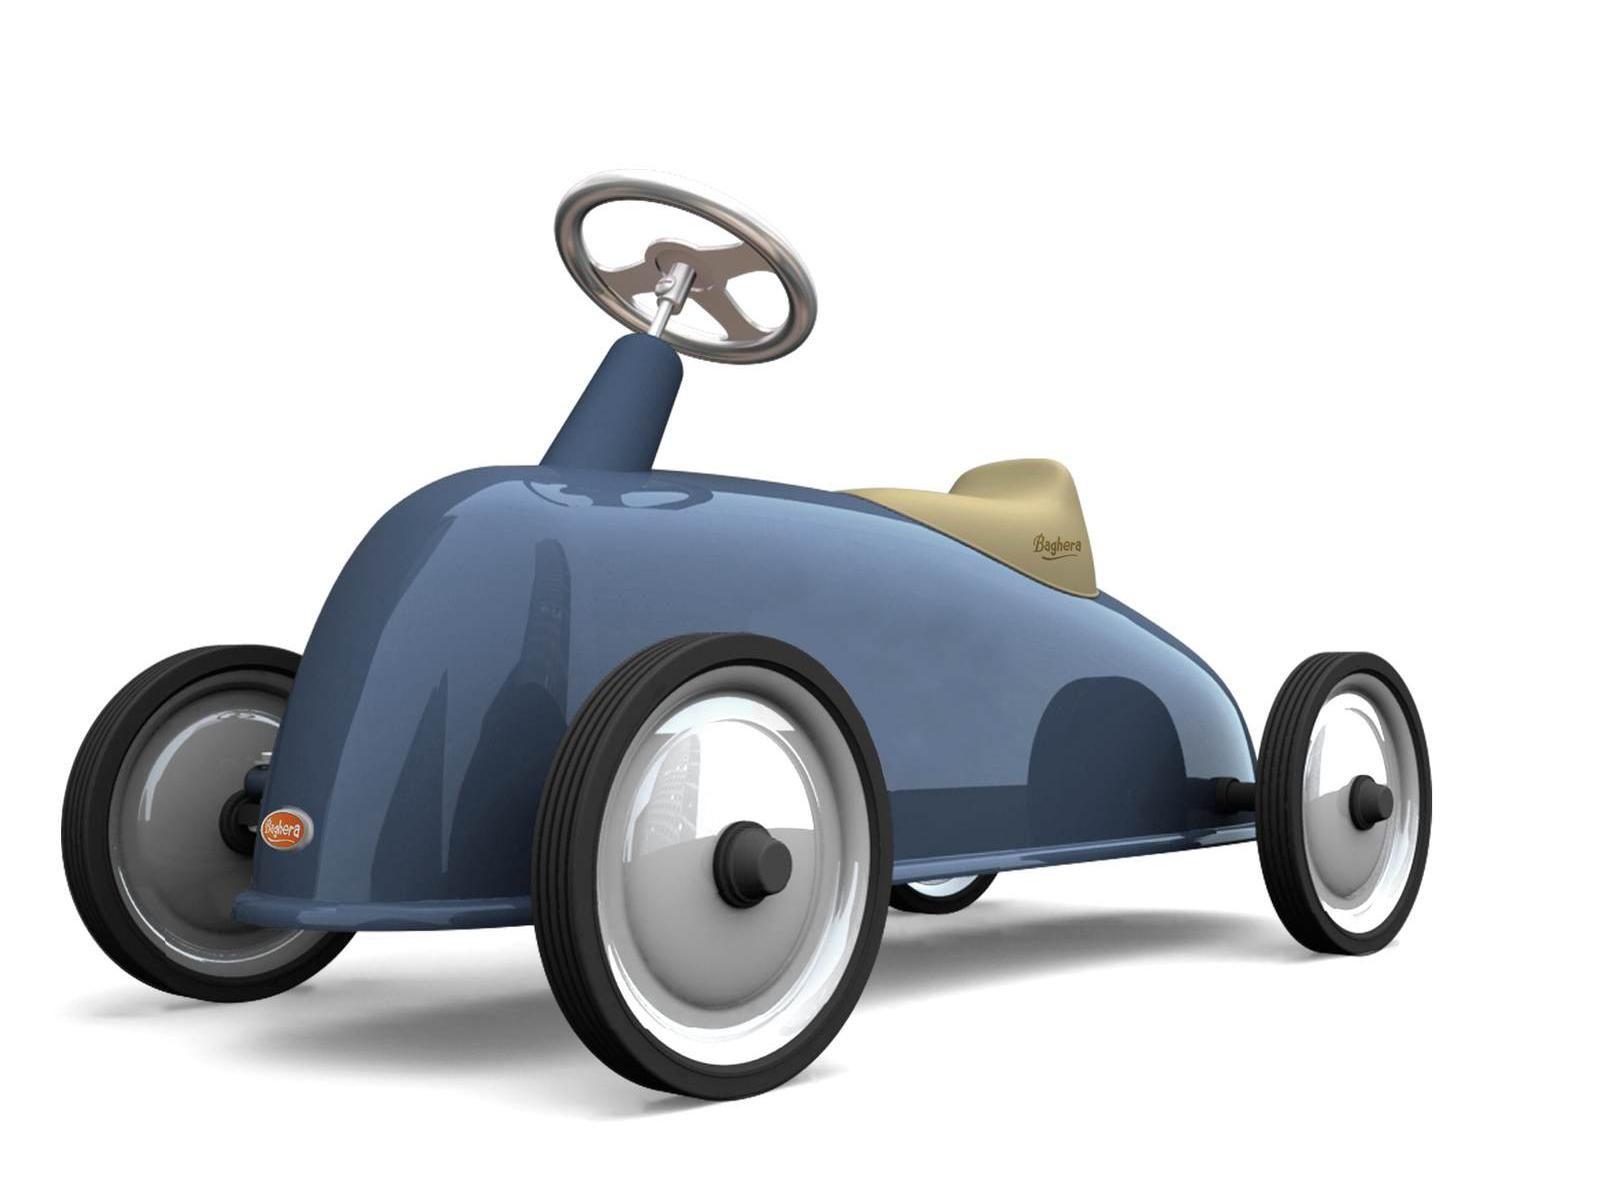 Flink   Das Holz Rutschauto   Phim Berlin.de   Pedal Cars   Pinterest    Pedal Car, Fun Projects And Toy